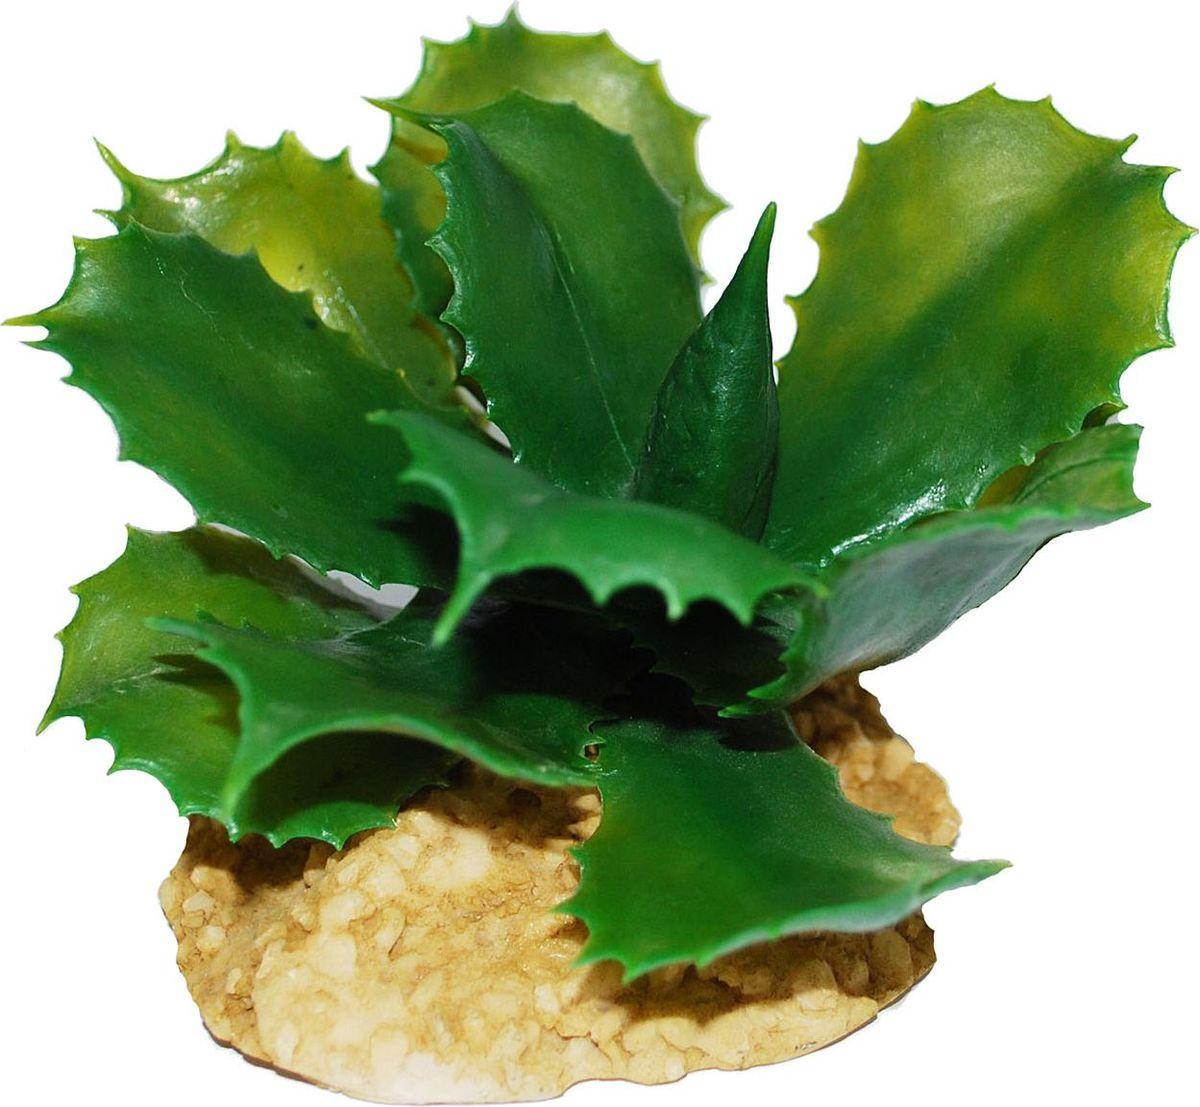 Растение для аквариума №1 Кактус игольчатый, высота 6 смЕР045Пластиковое растение для аквариума №1 - отличный аксессуар, который украсит ваш домашний аквариум. Изготовлено из искусственных и полимерных материалов. Безопасно для рыб и других аквариумных обитателей.